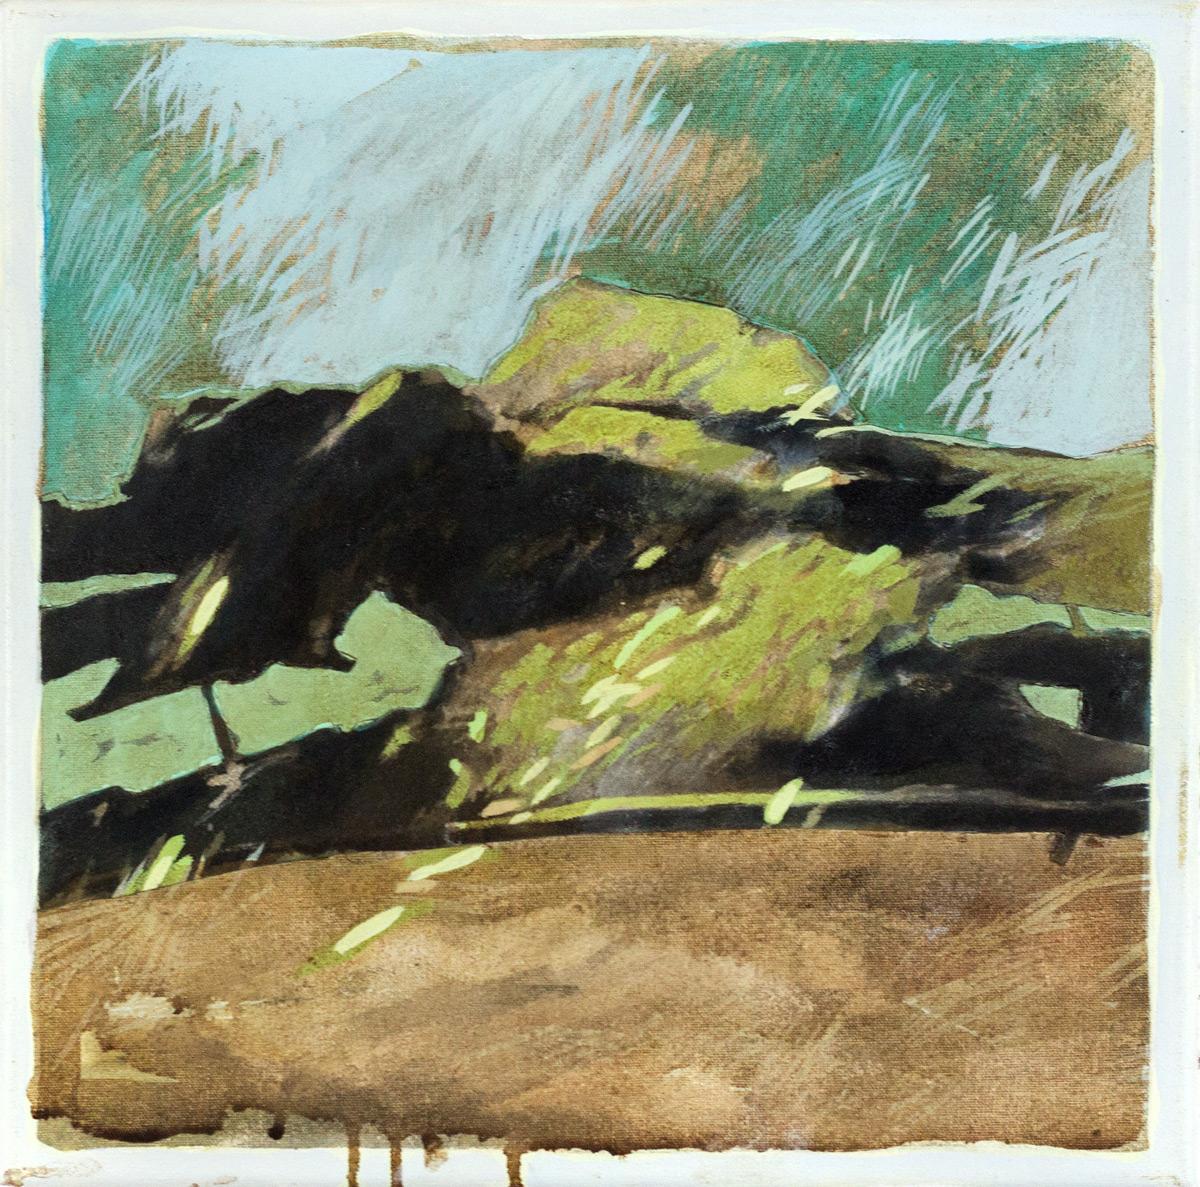 Paweł Podlewski, untitled, technika mieszana na płótnie, 30 x 30 cm, cena: 700 zł